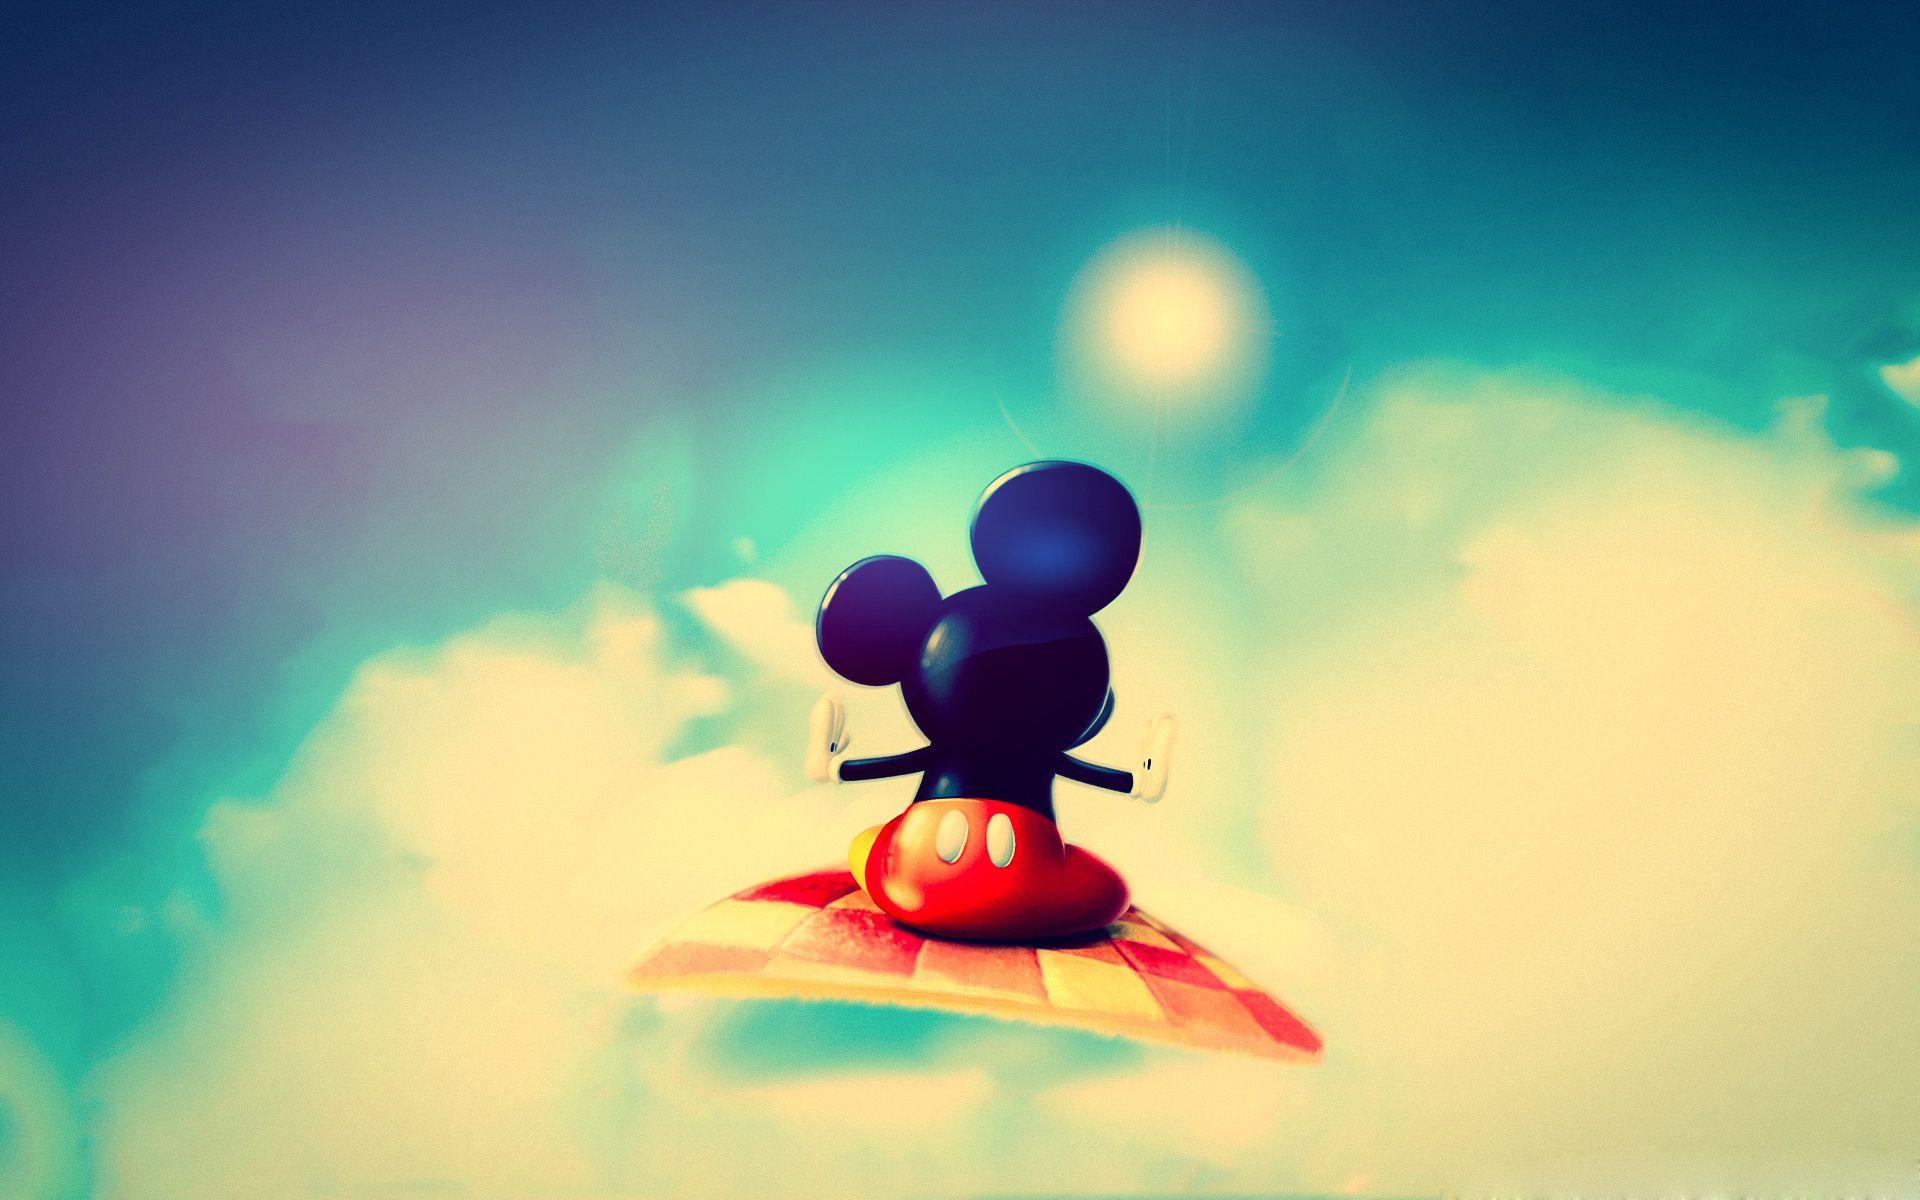 Tsum Tsum So Cute Wallpaper Pinterest Disney Characters Wallpaper Backgrounds Disney Background Laptop Backgrounds